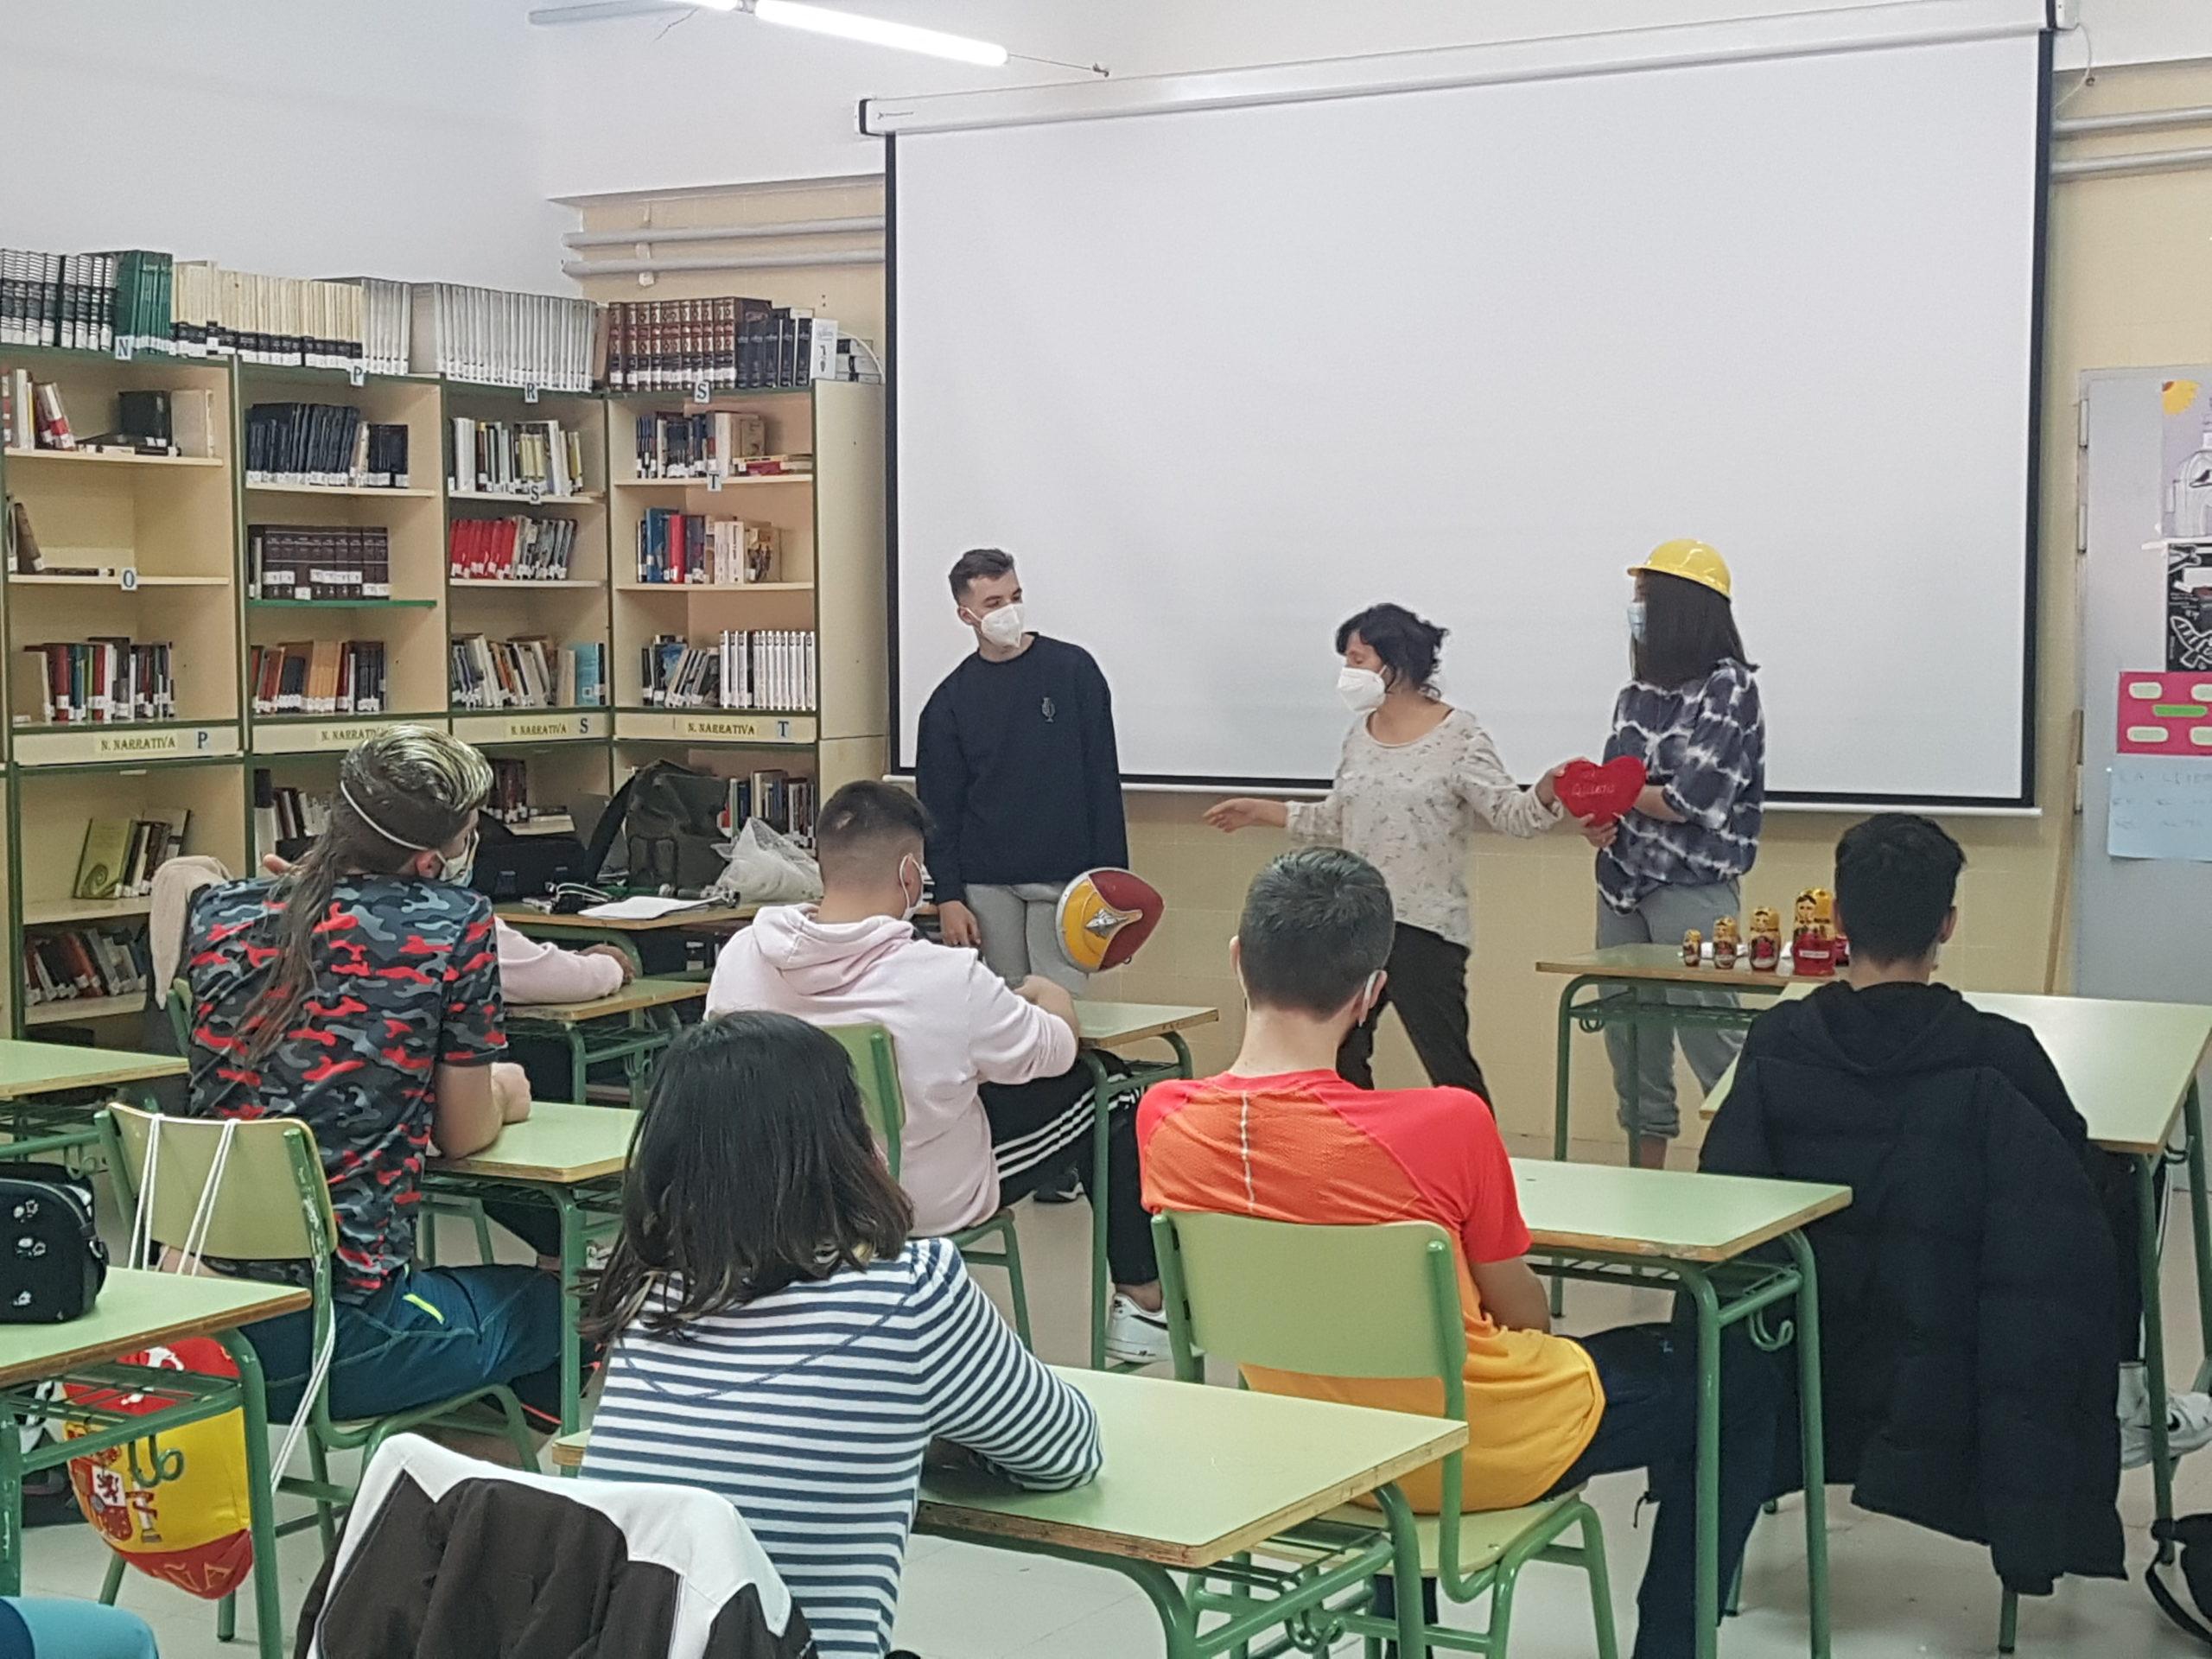 La prevención del bullying, el uso correcto de las redes sociales y las herramientas para el buen trato llegaron a las aulas del Colegio Juan Falcó y del IES Valmayor en las 57 sesiones formativas organizadas por la Concejalía de Servicios a la Comunidad